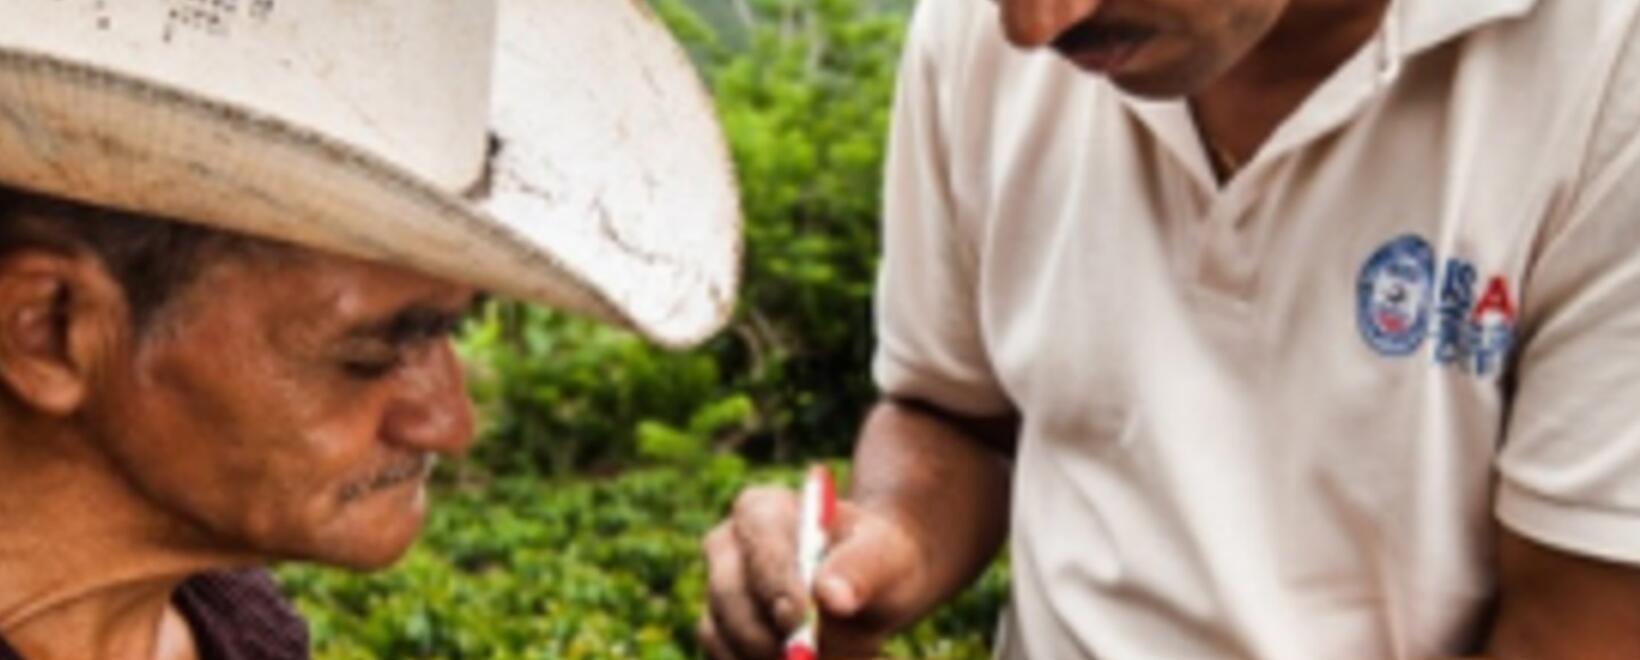 Conozca cómo se realiza el proceso de capacitación de agricultores.